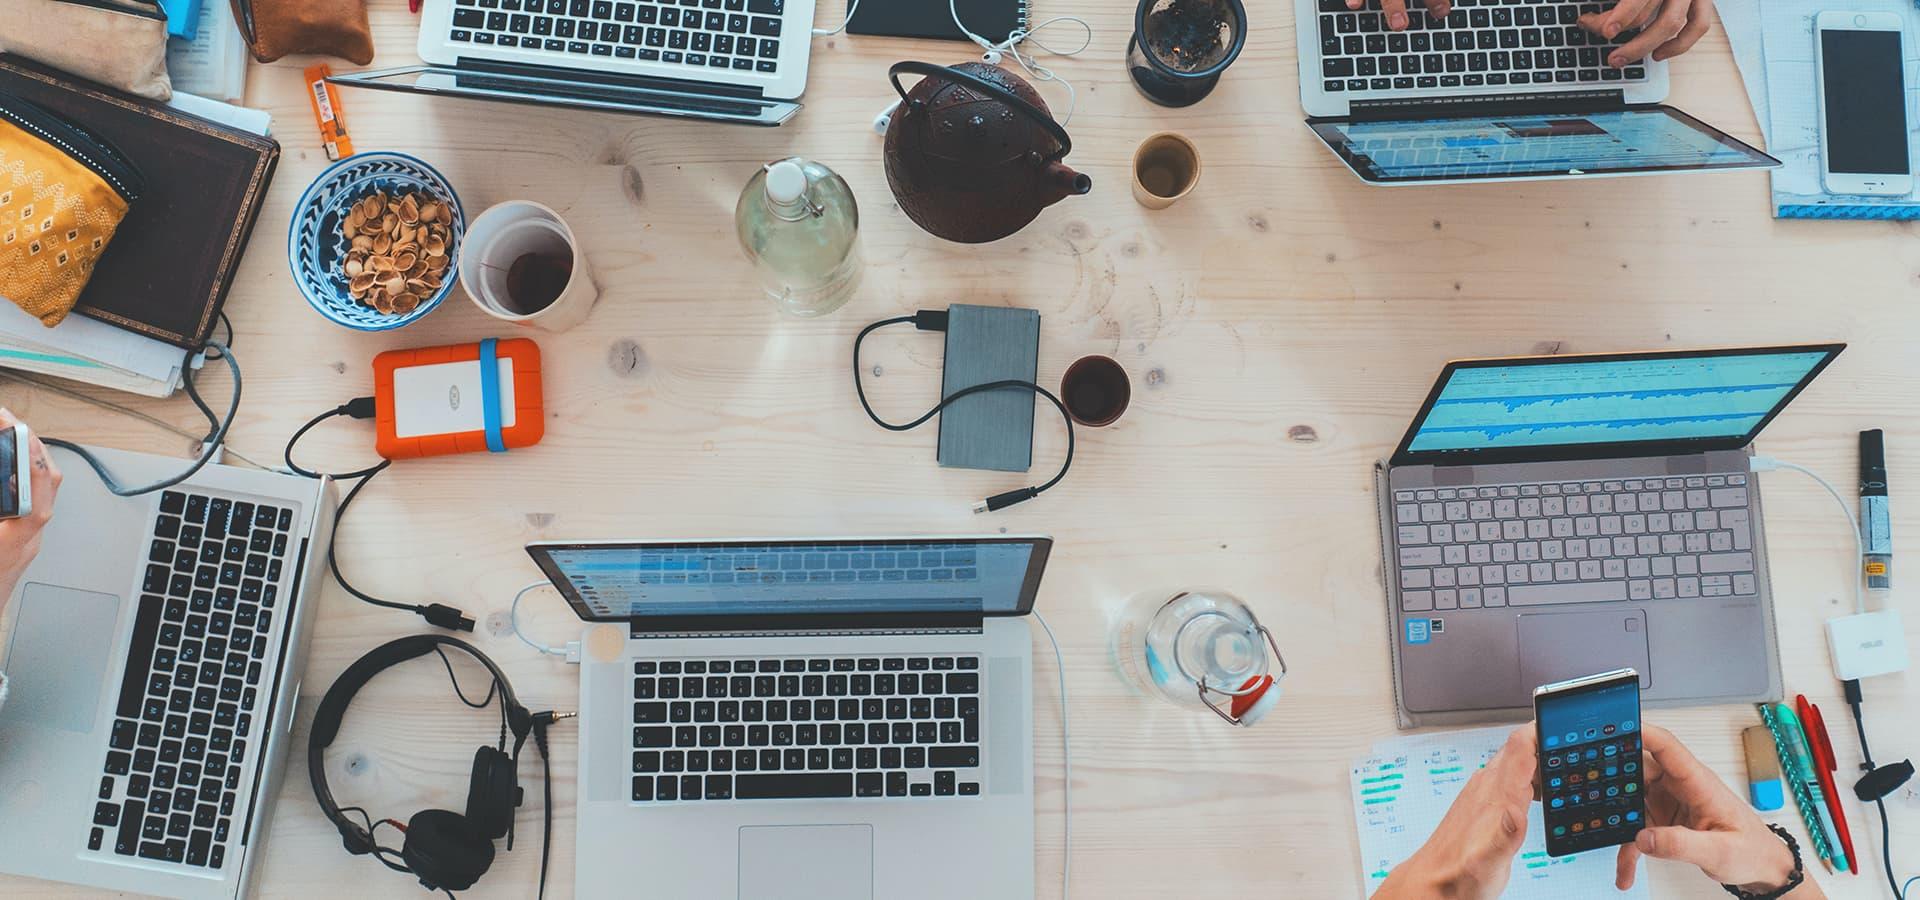 Digital Marketing Apprenticeships